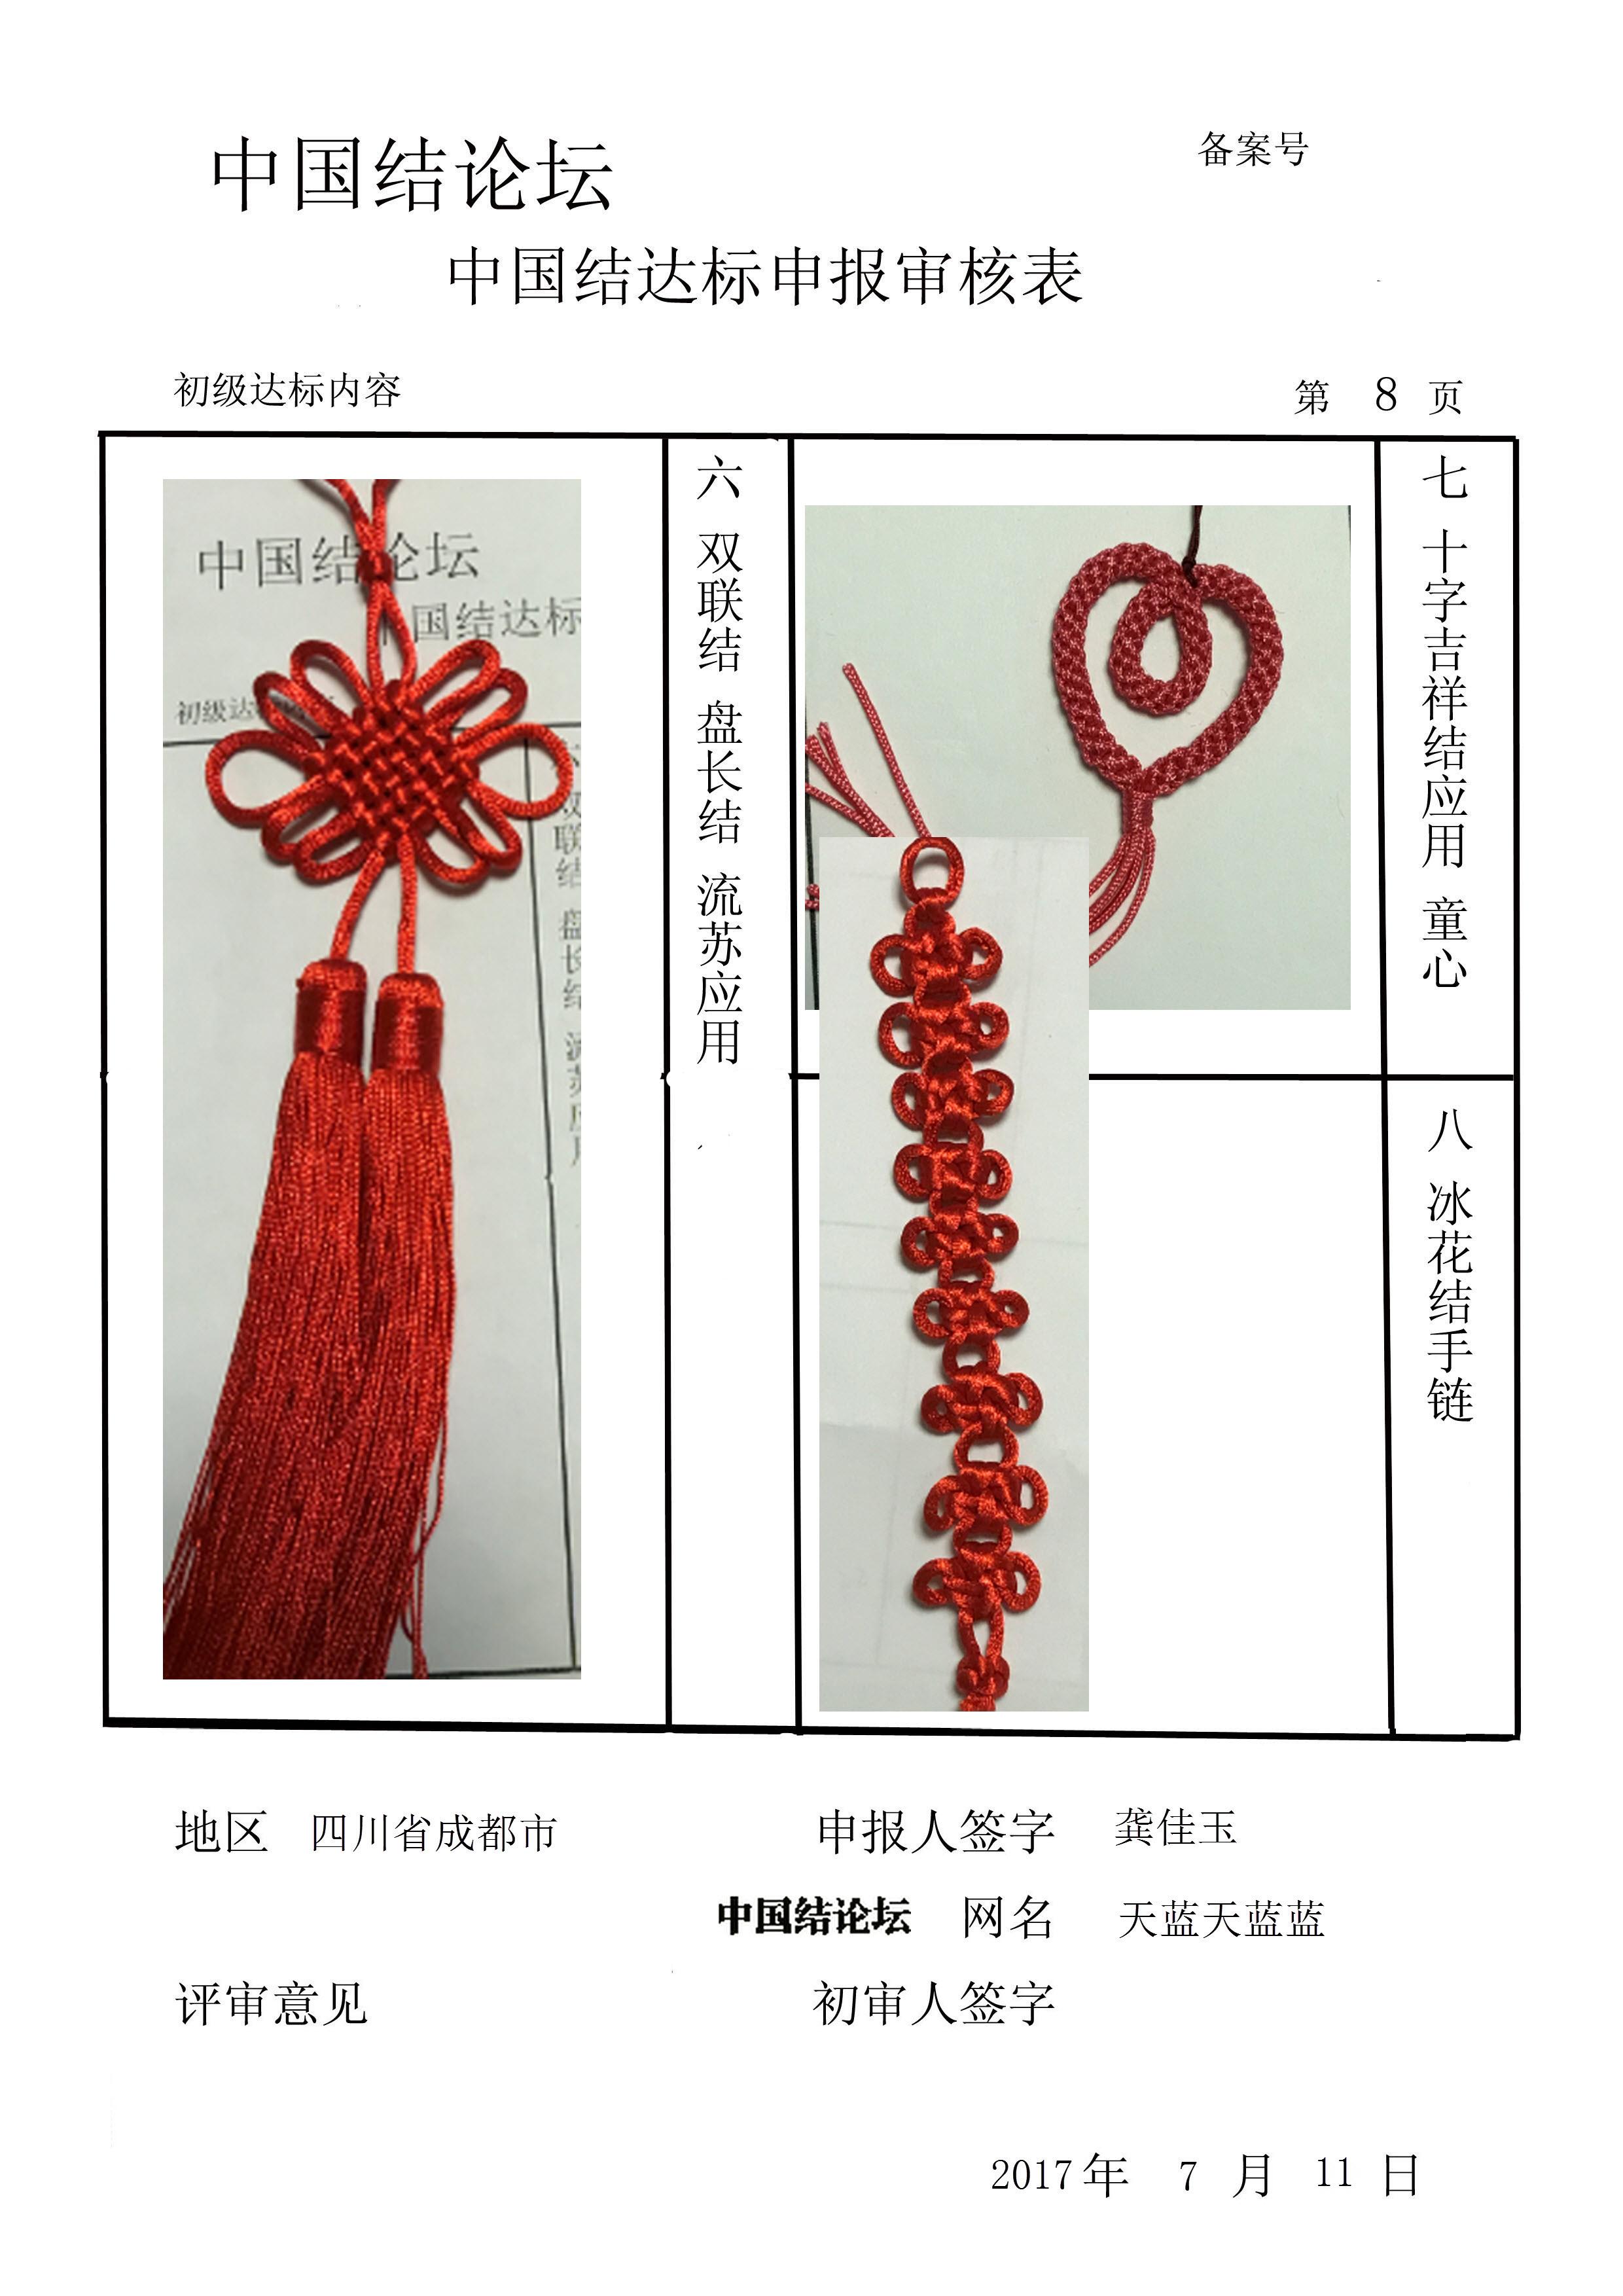 中国结论坛 天蓝天蓝蓝------初级达标审核稿 经过一个多月的努力,终于完成了,请老师提意见  中国绳结艺术分级达标审核 144205cbkha9llgkglmh7h